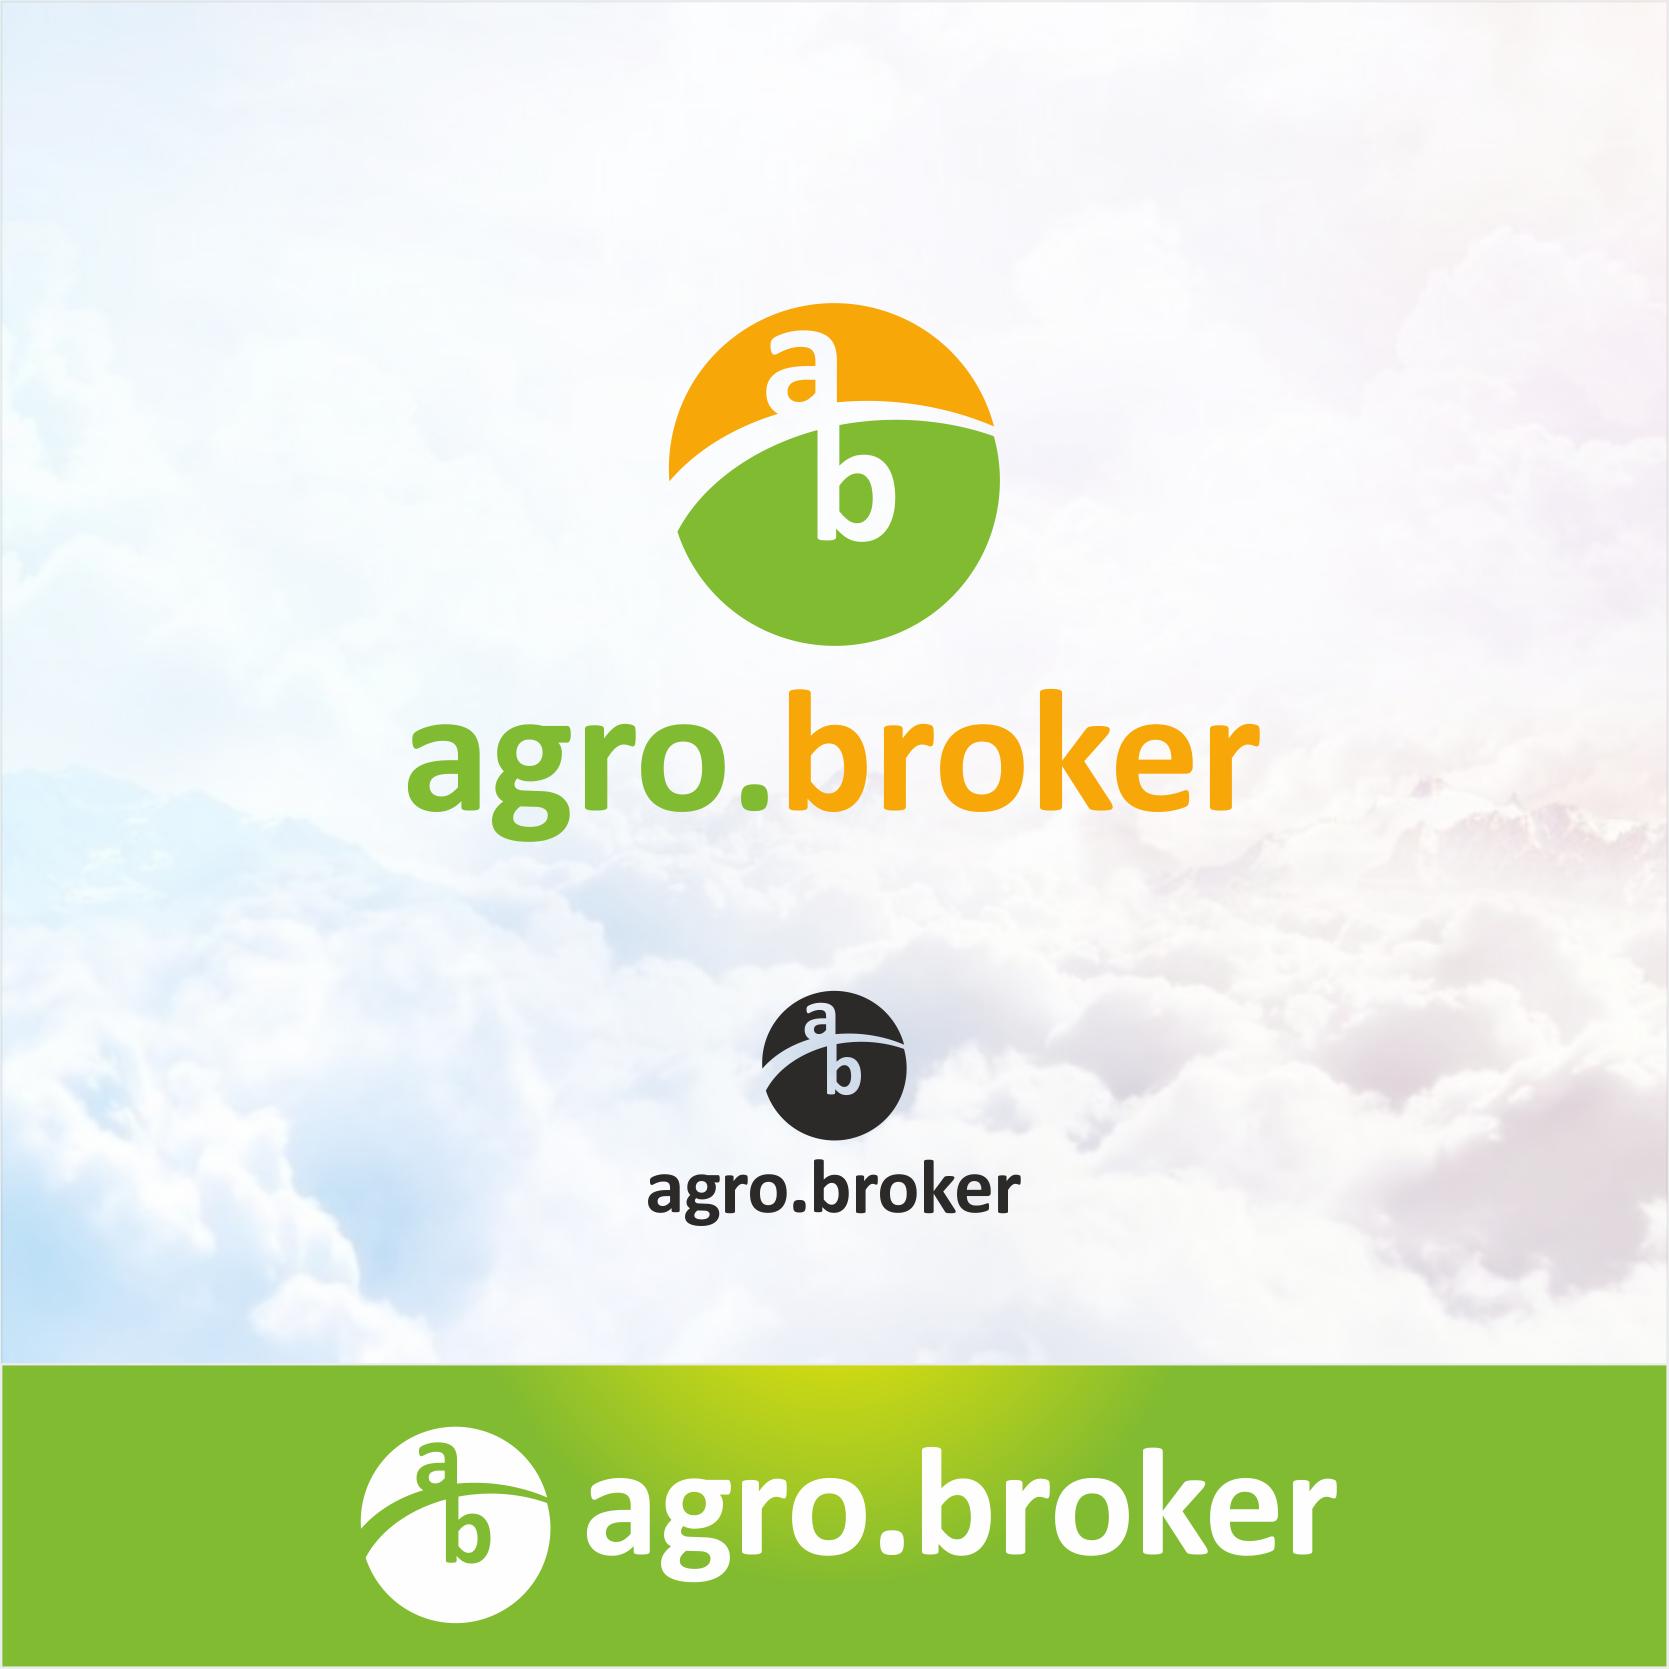 ТЗ на разработку пакета айдентики Agro.Broker фото f_881596795f622900.png